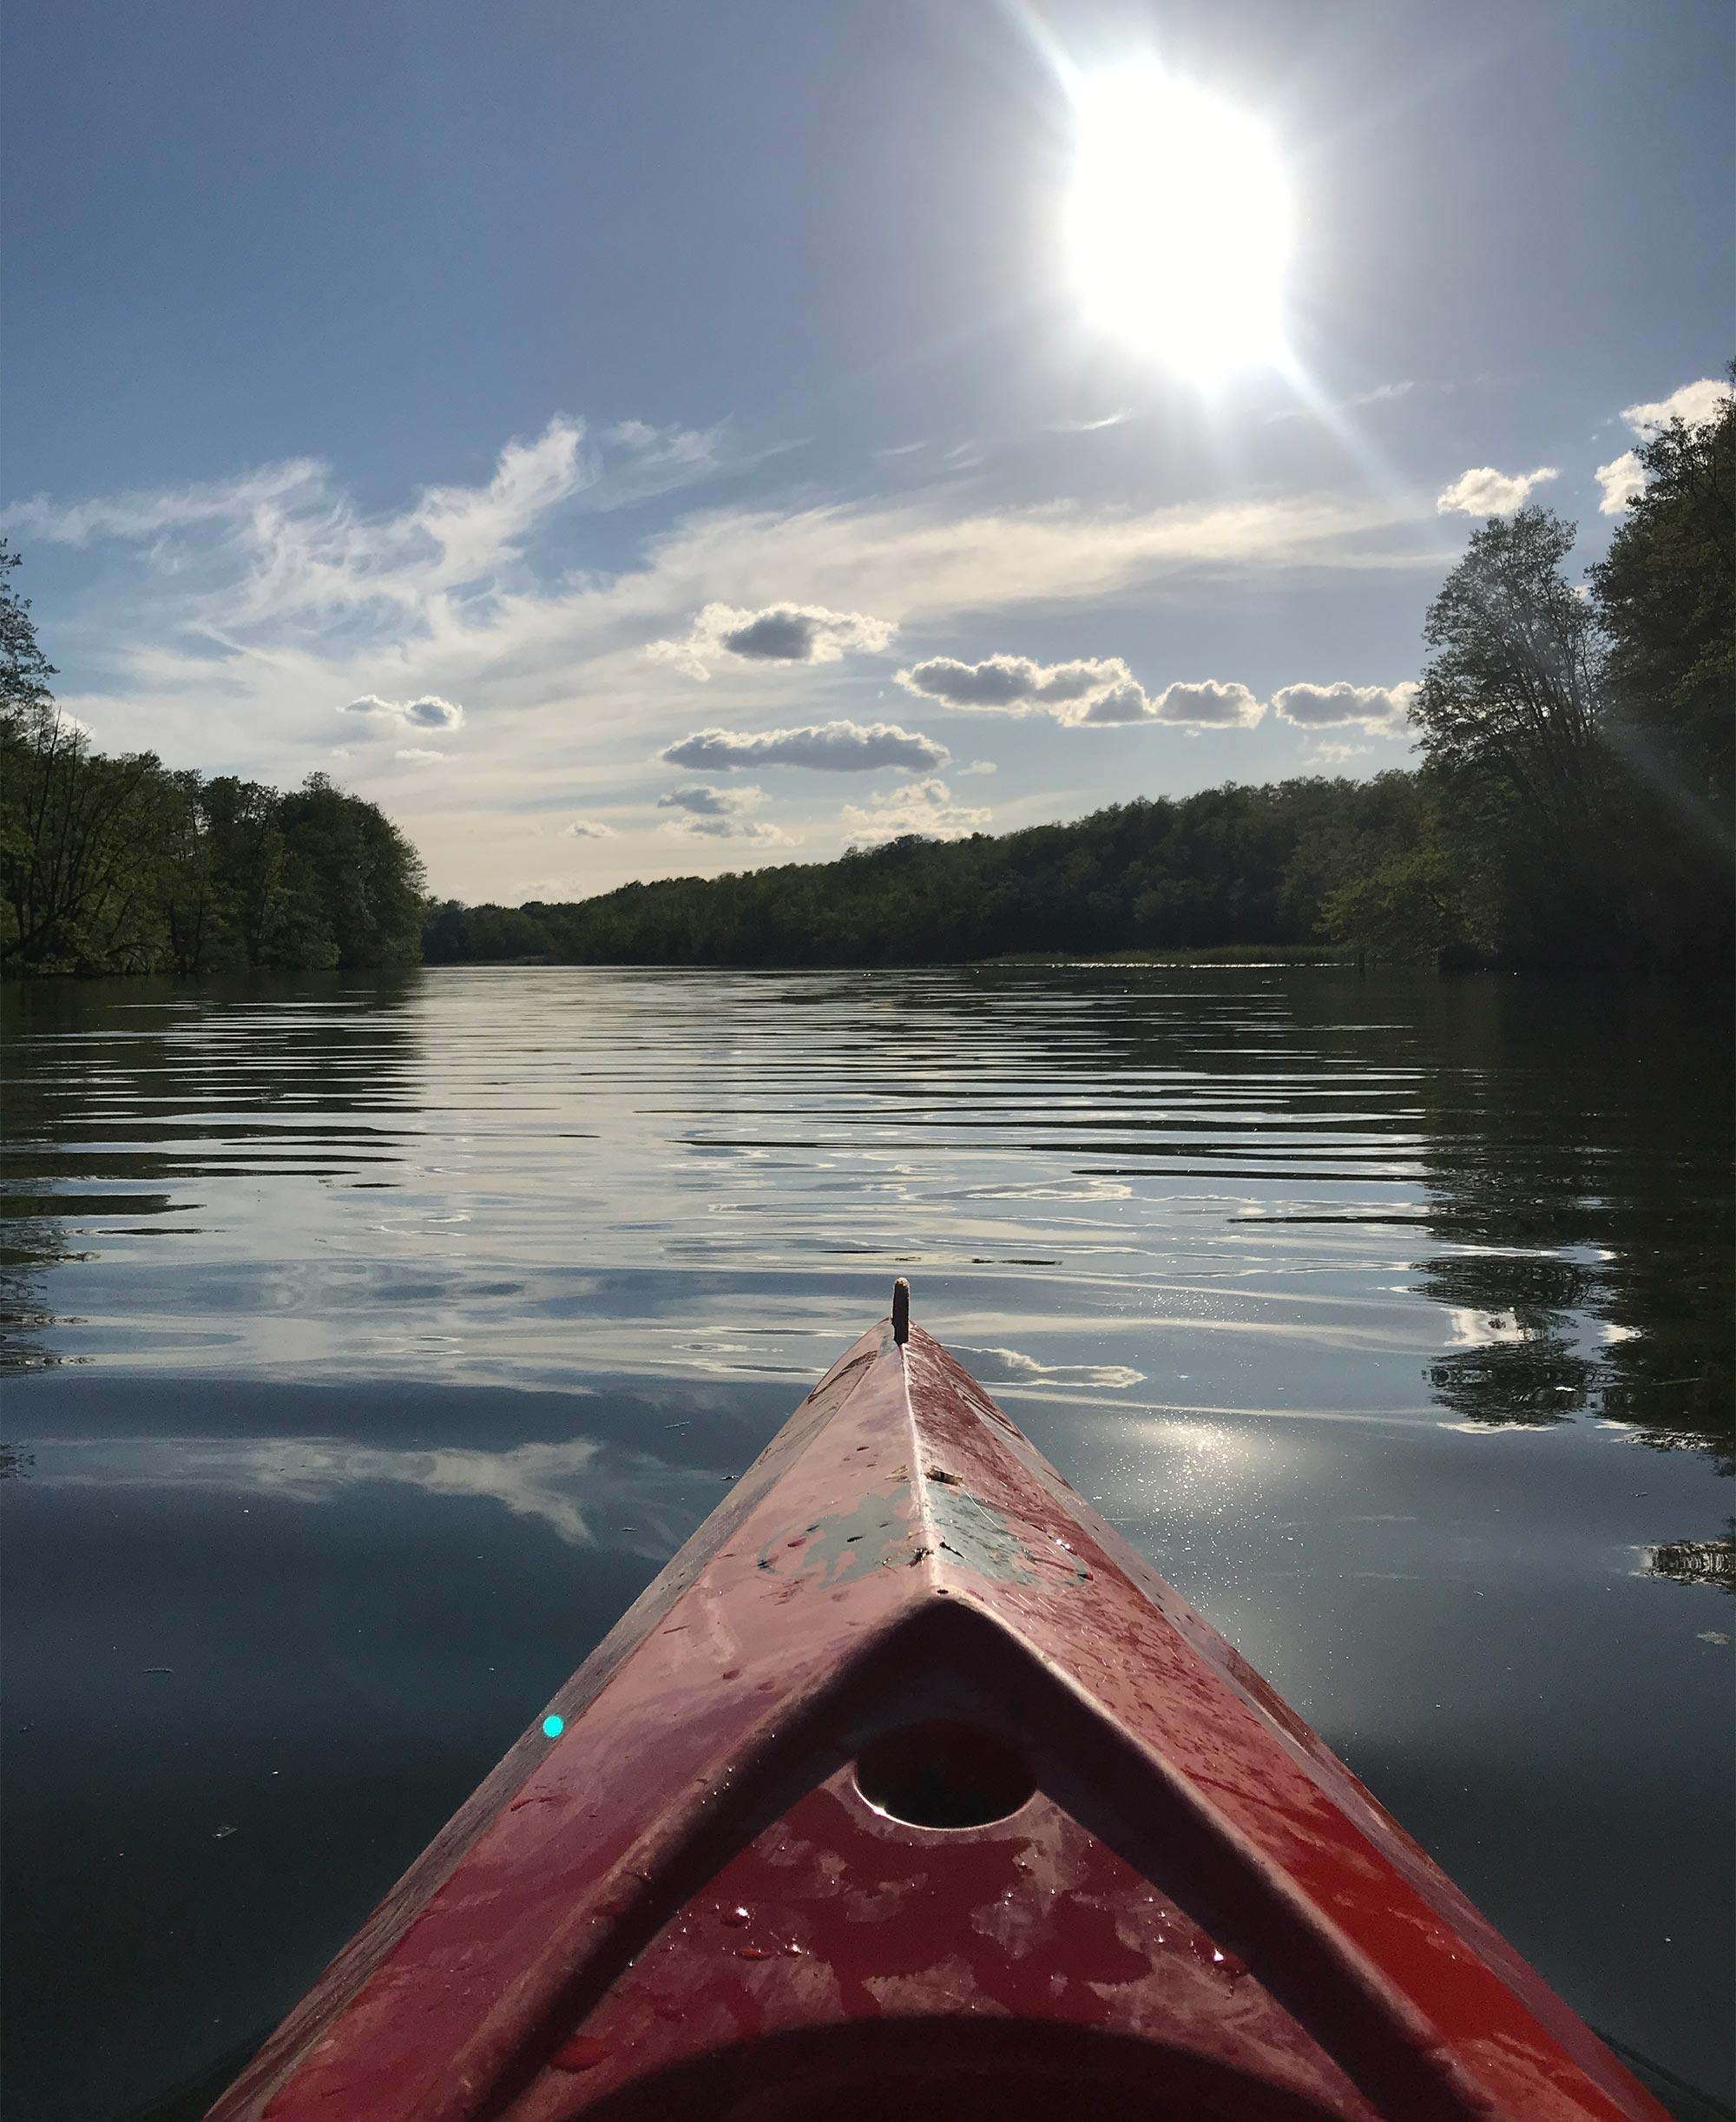 Entspannung auf dem Wasser finden